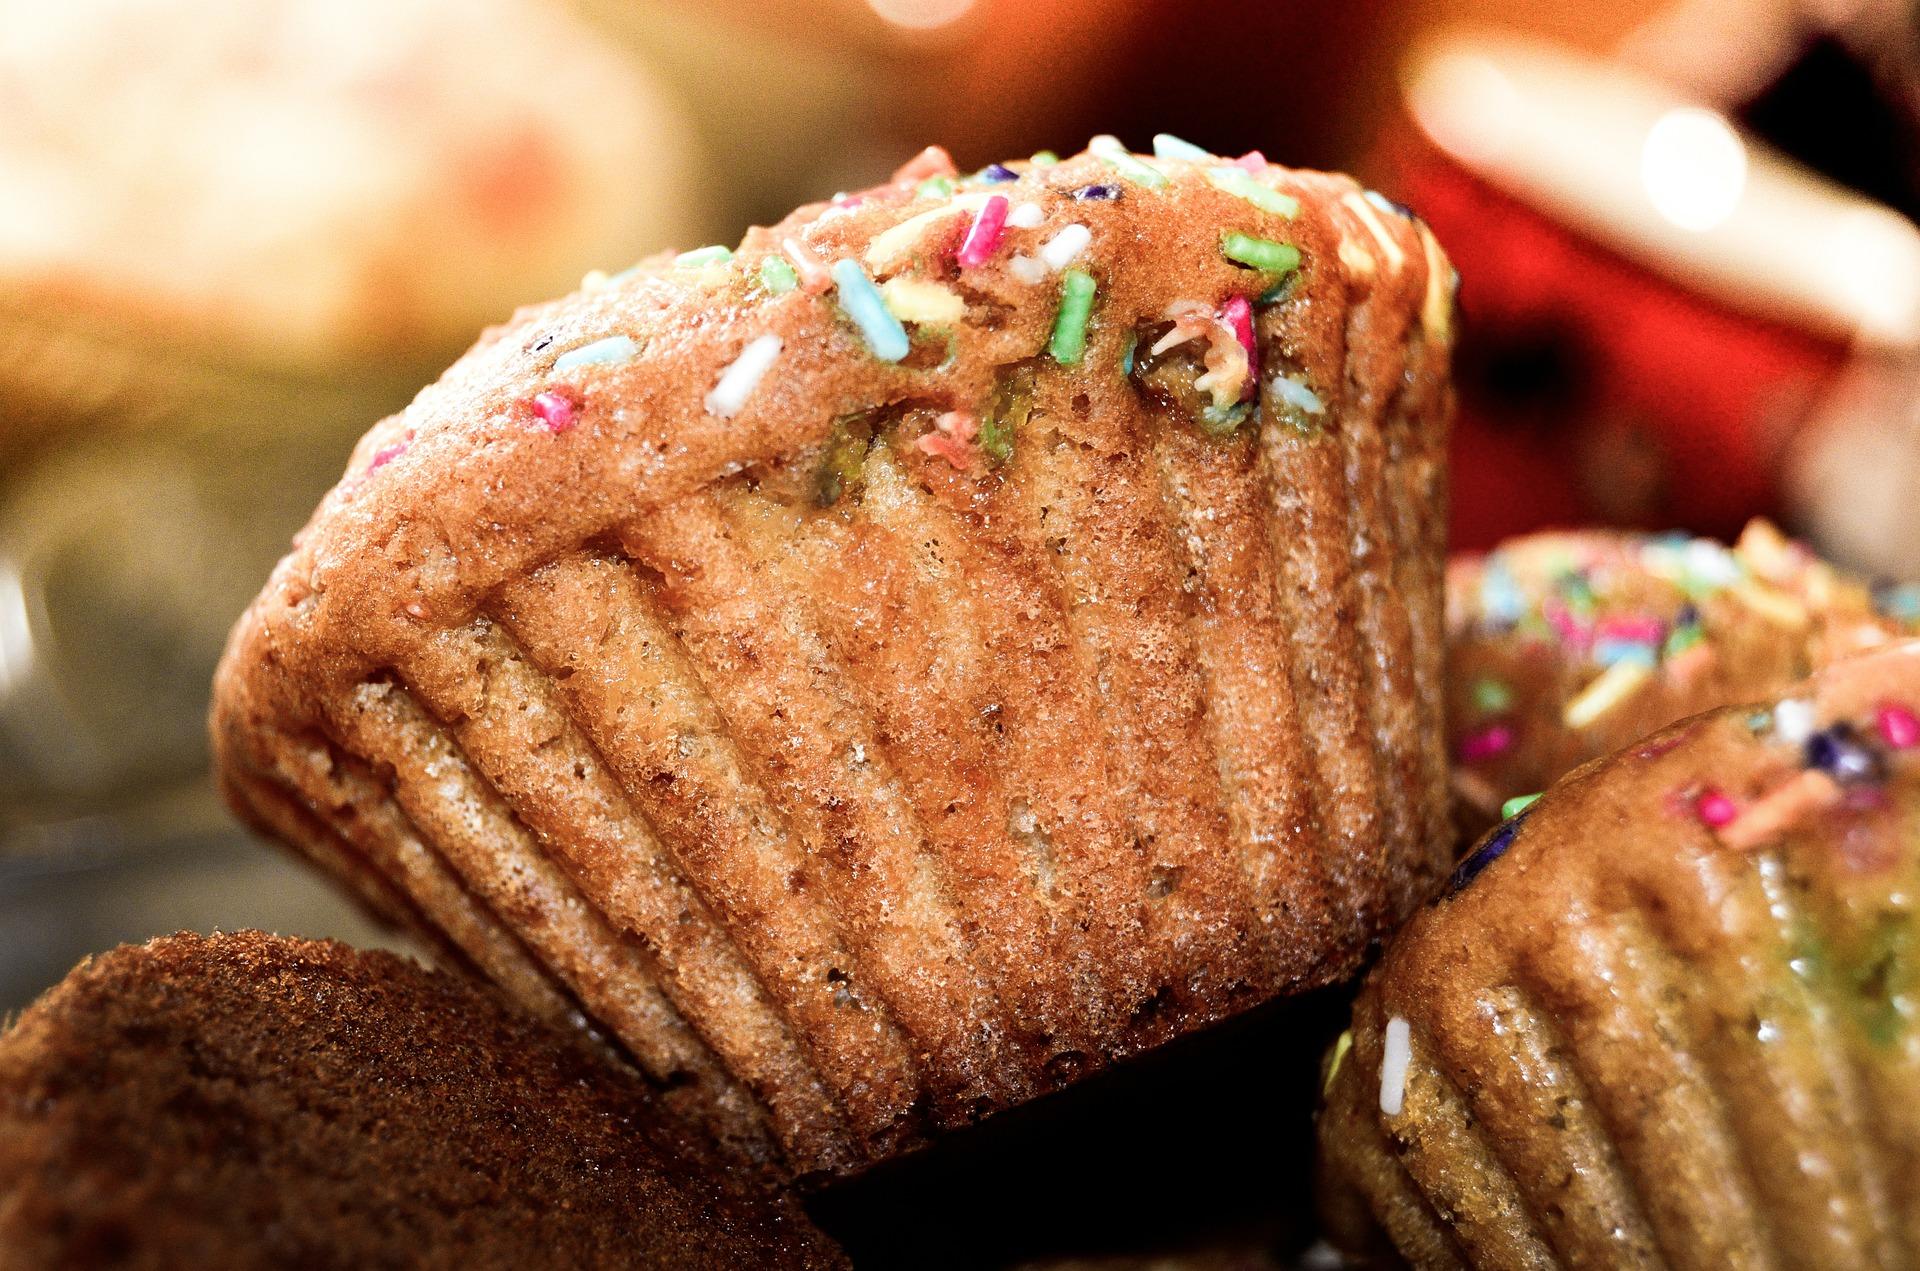 Las magdalenas son uno de los productos de pastelería que más ha evolucionado